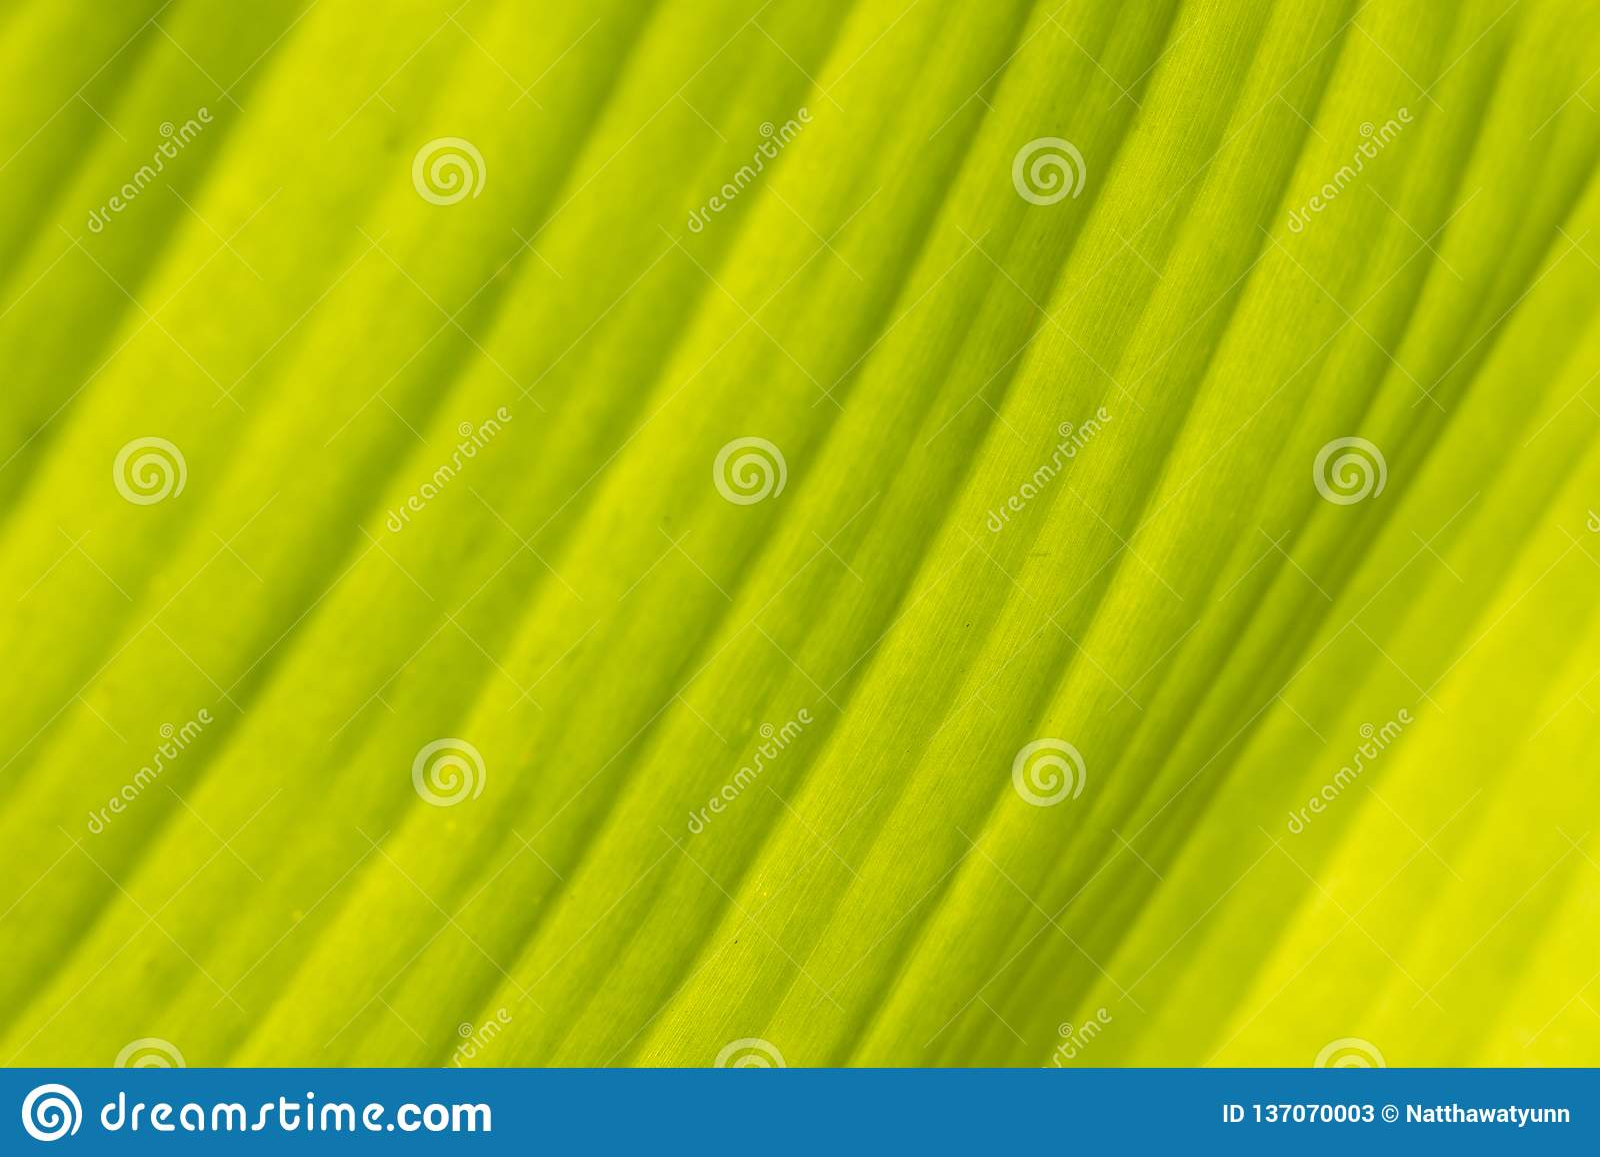 Groene banaanbladeren voor achtergrond